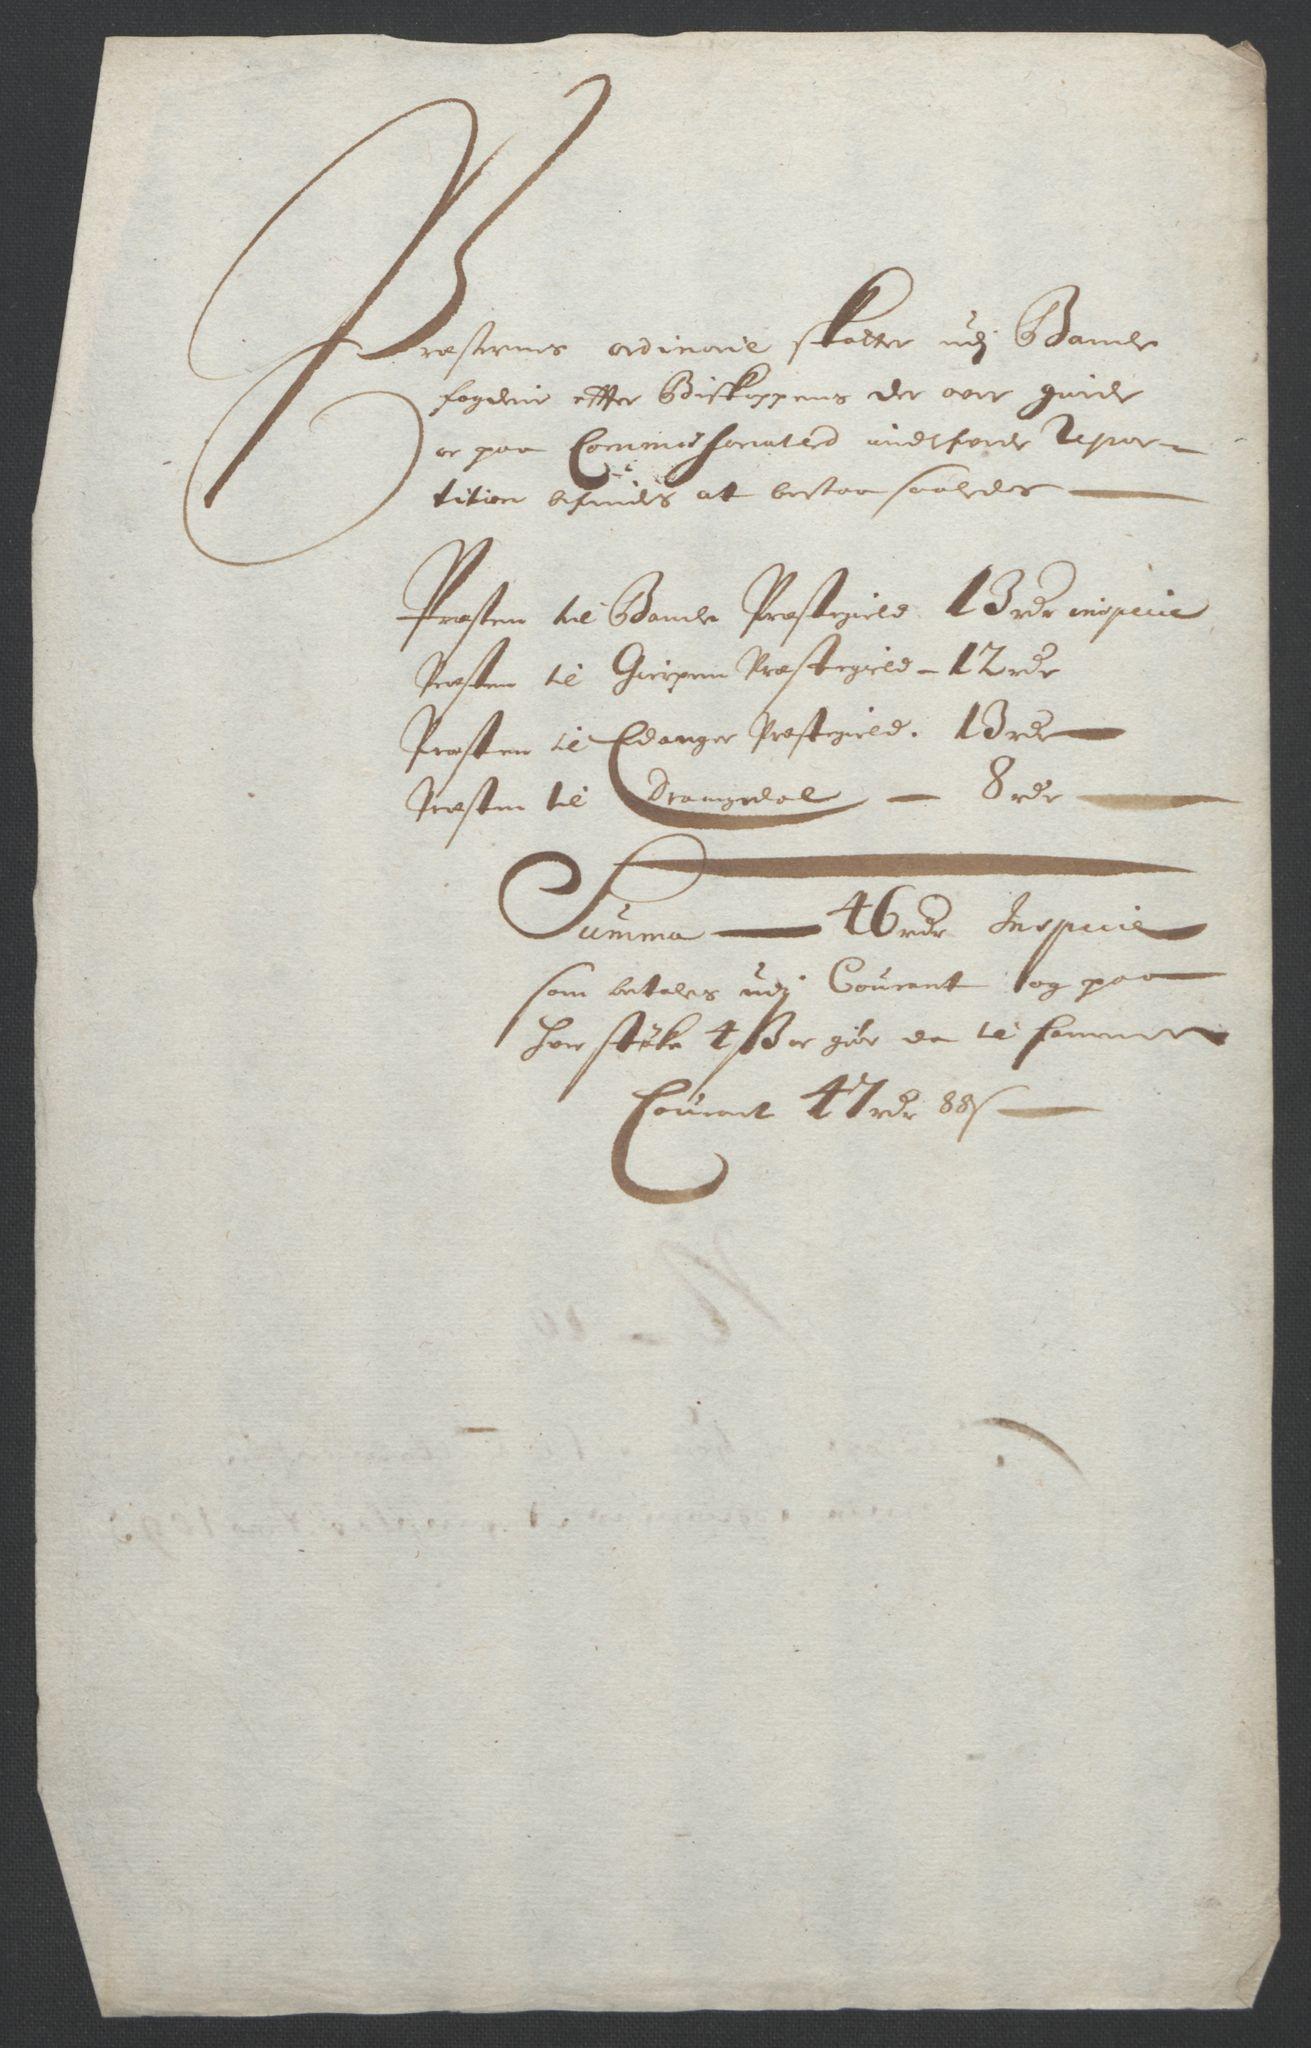 RA, Rentekammeret inntil 1814, Reviderte regnskaper, Fogderegnskap, R36/L2093: Fogderegnskap Øvre og Nedre Telemark og Bamble, 1695, s. 471